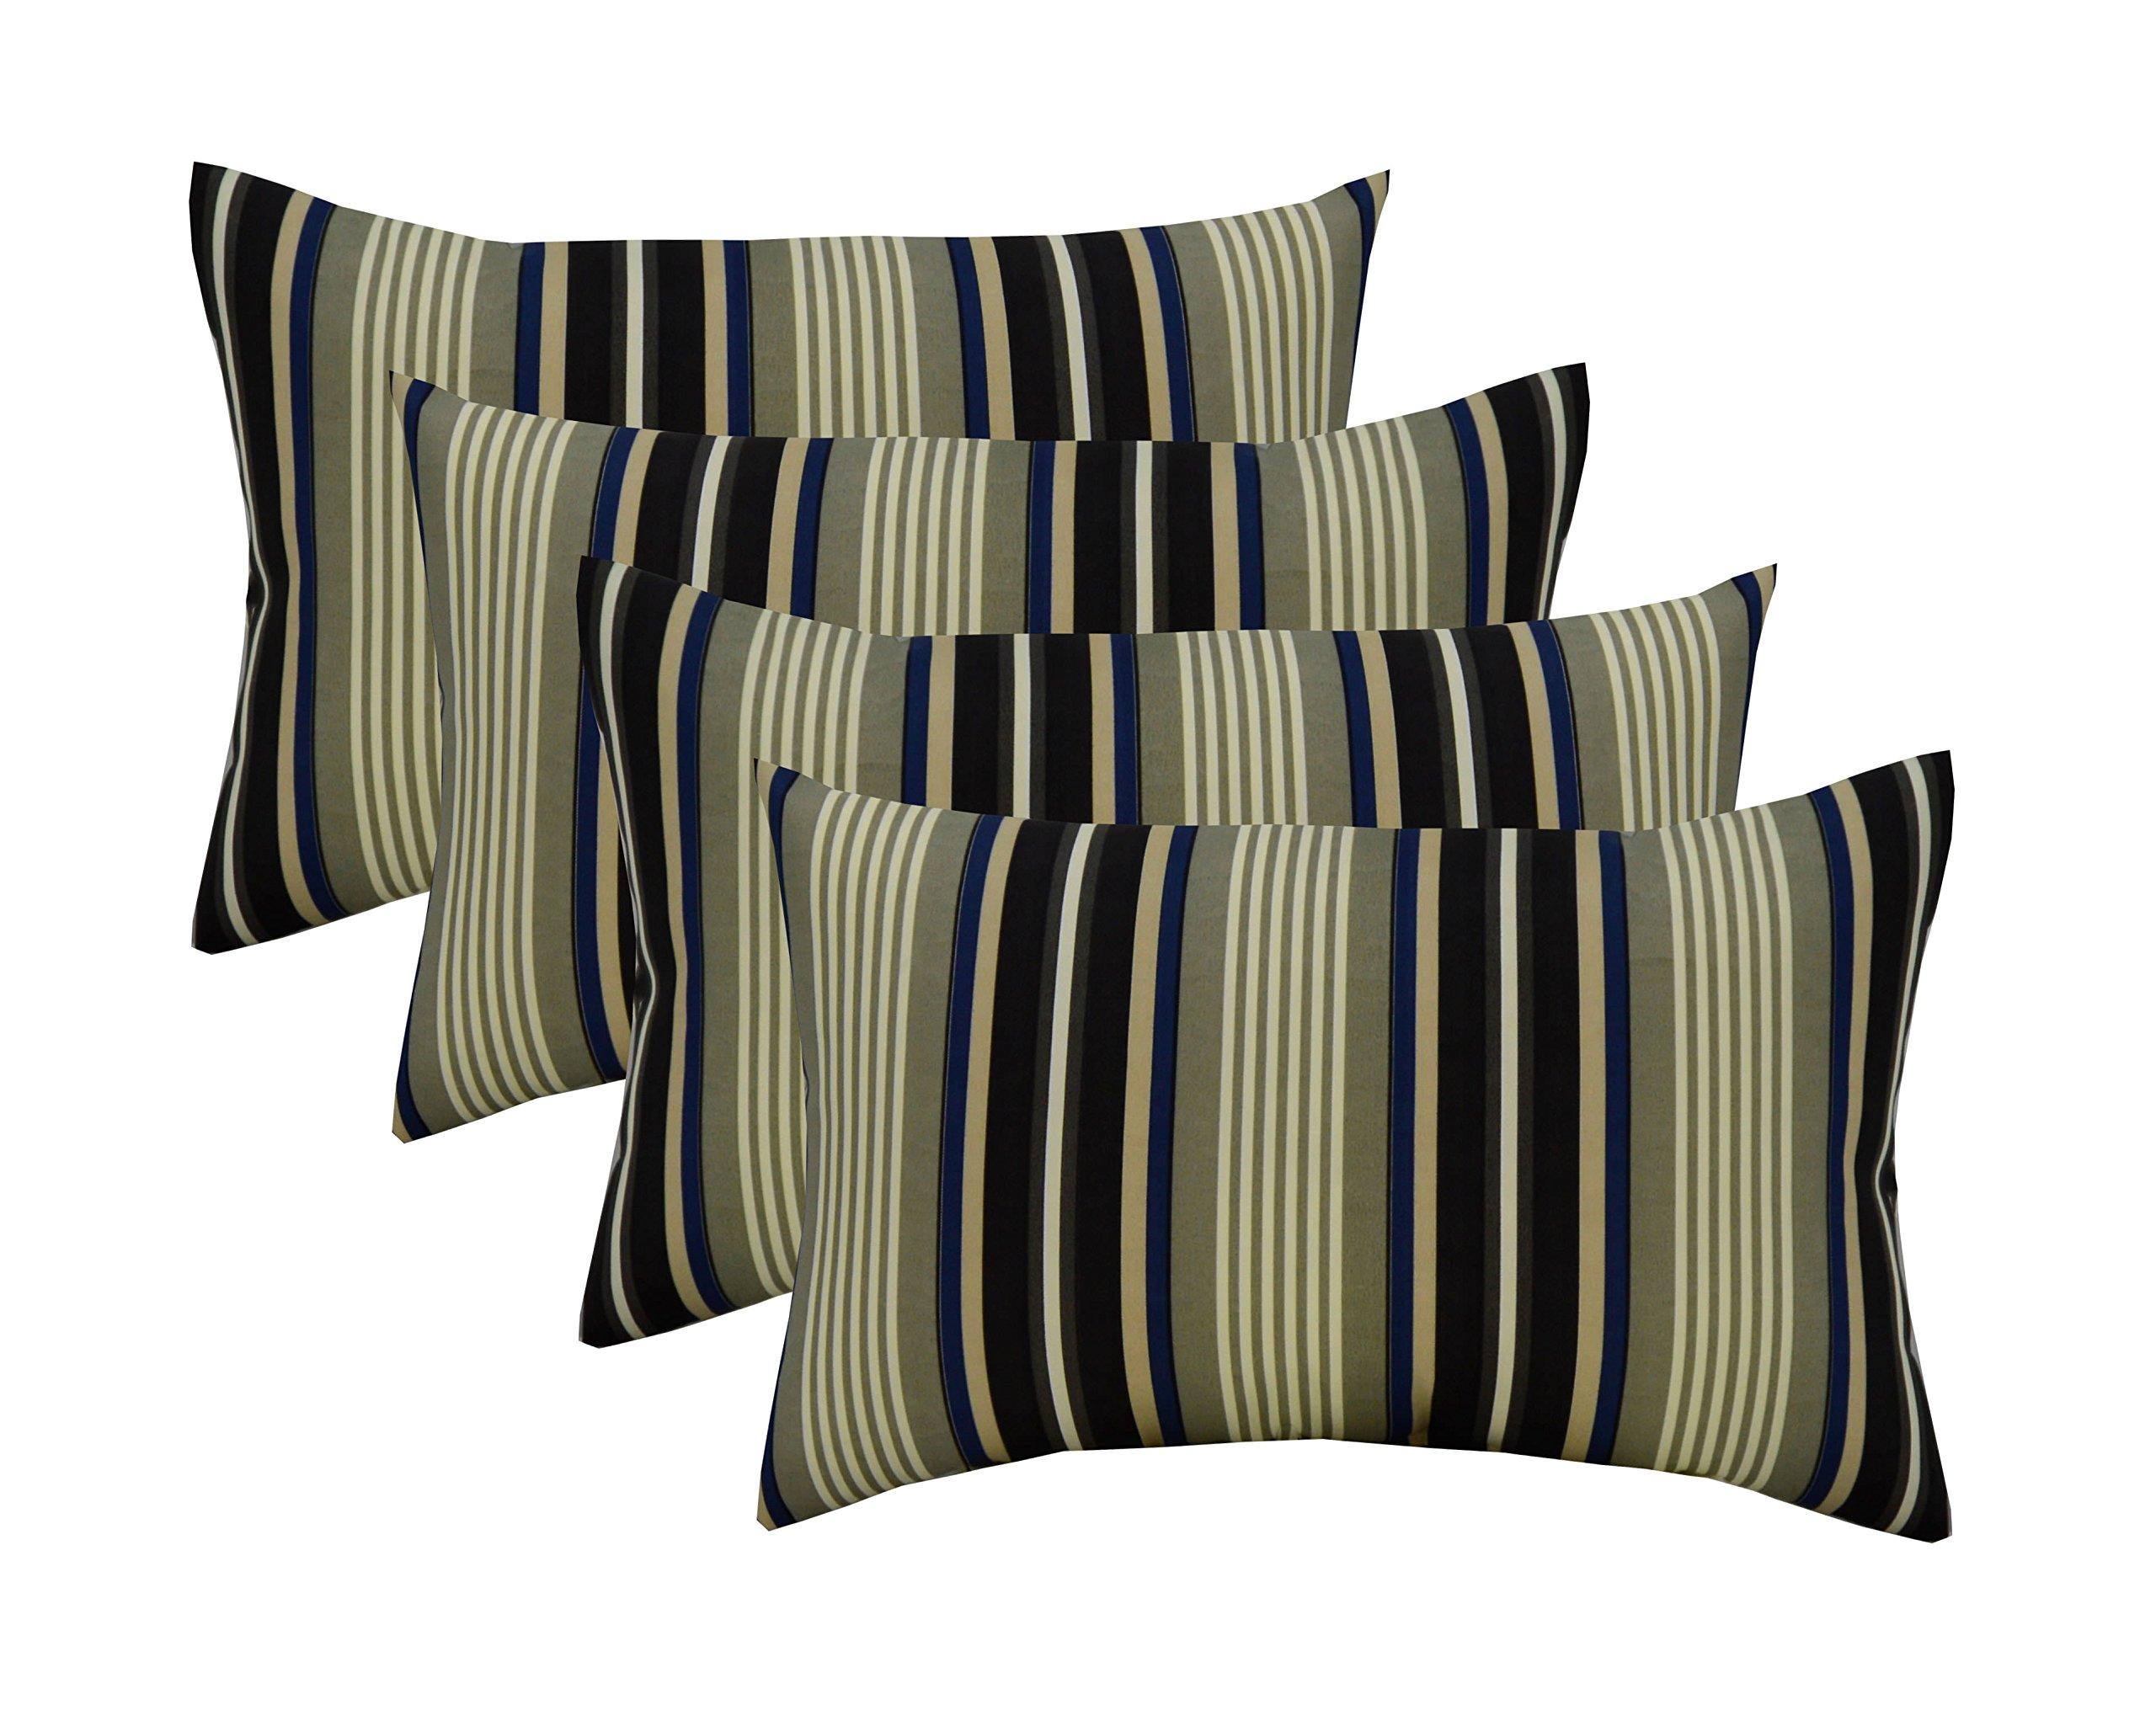 RSH Décor Set of 4 Indoor/Outdoor Lumbar Rectangular Throw Pillows (12''x20'') Black, Gray, Blue Stripe